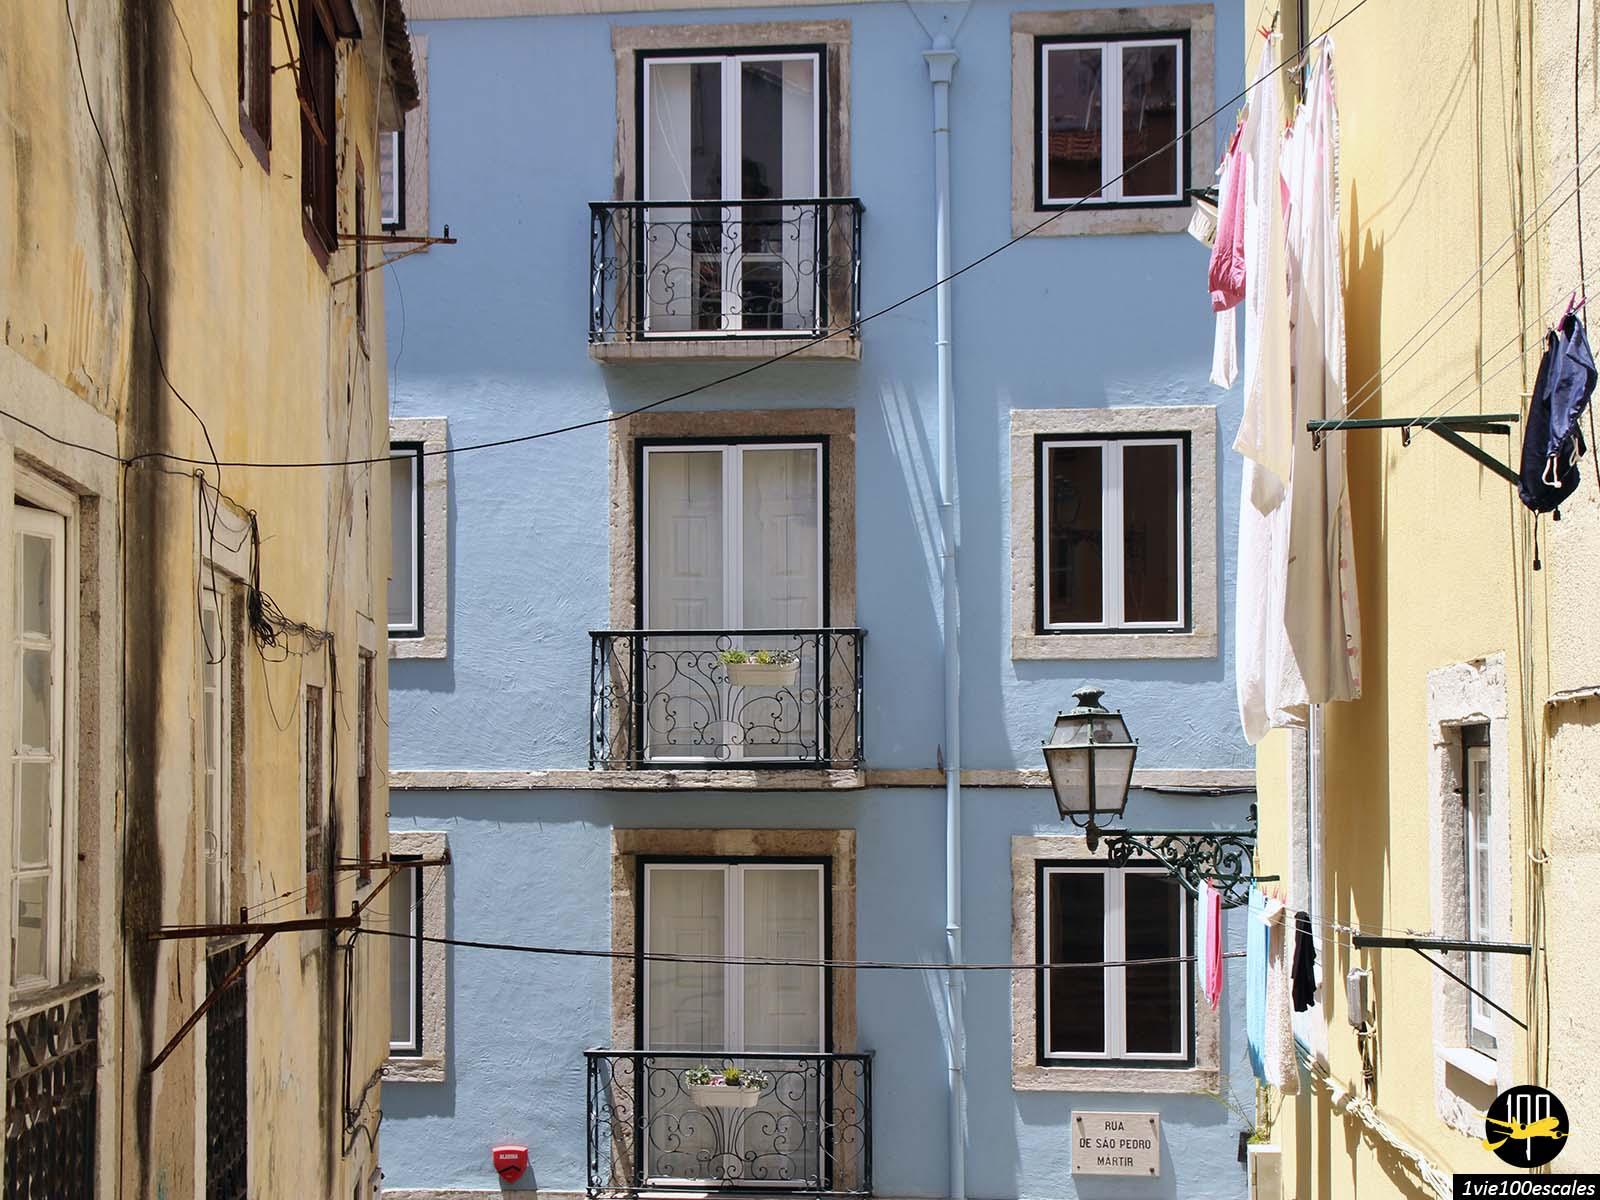 Les immeubles du quartier Bairro Alto de Lisbonne